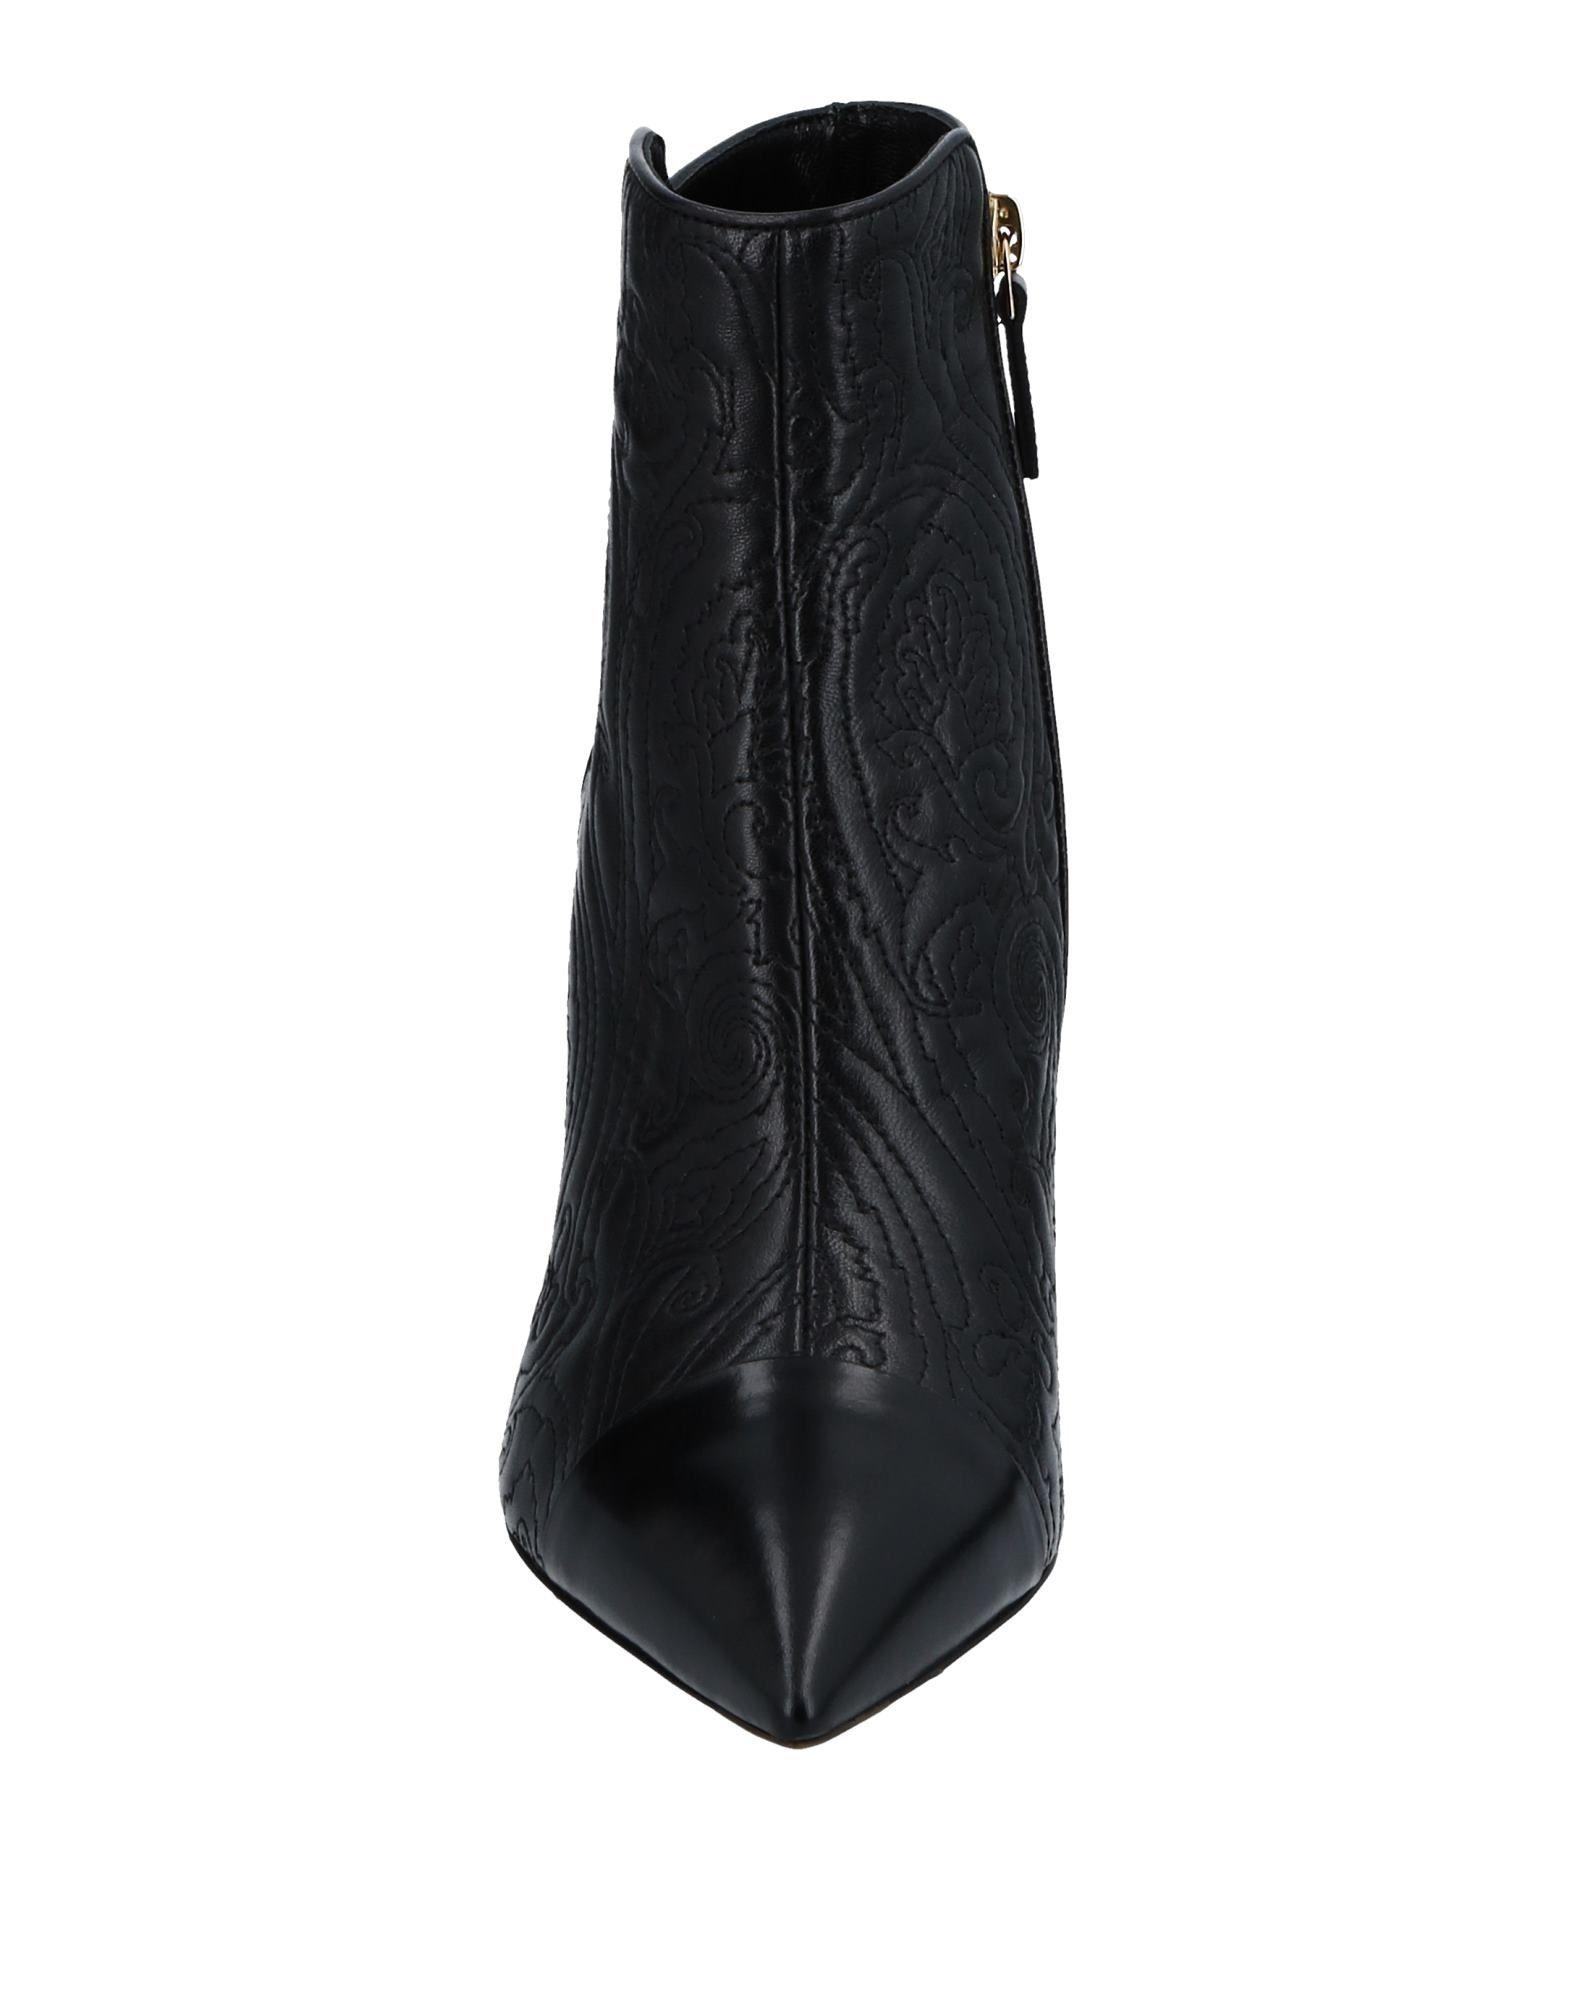 Etro Stiefelette Damen  11510012JHGünstige Schuhe gut aussehende Schuhe 11510012JHGünstige 07534c